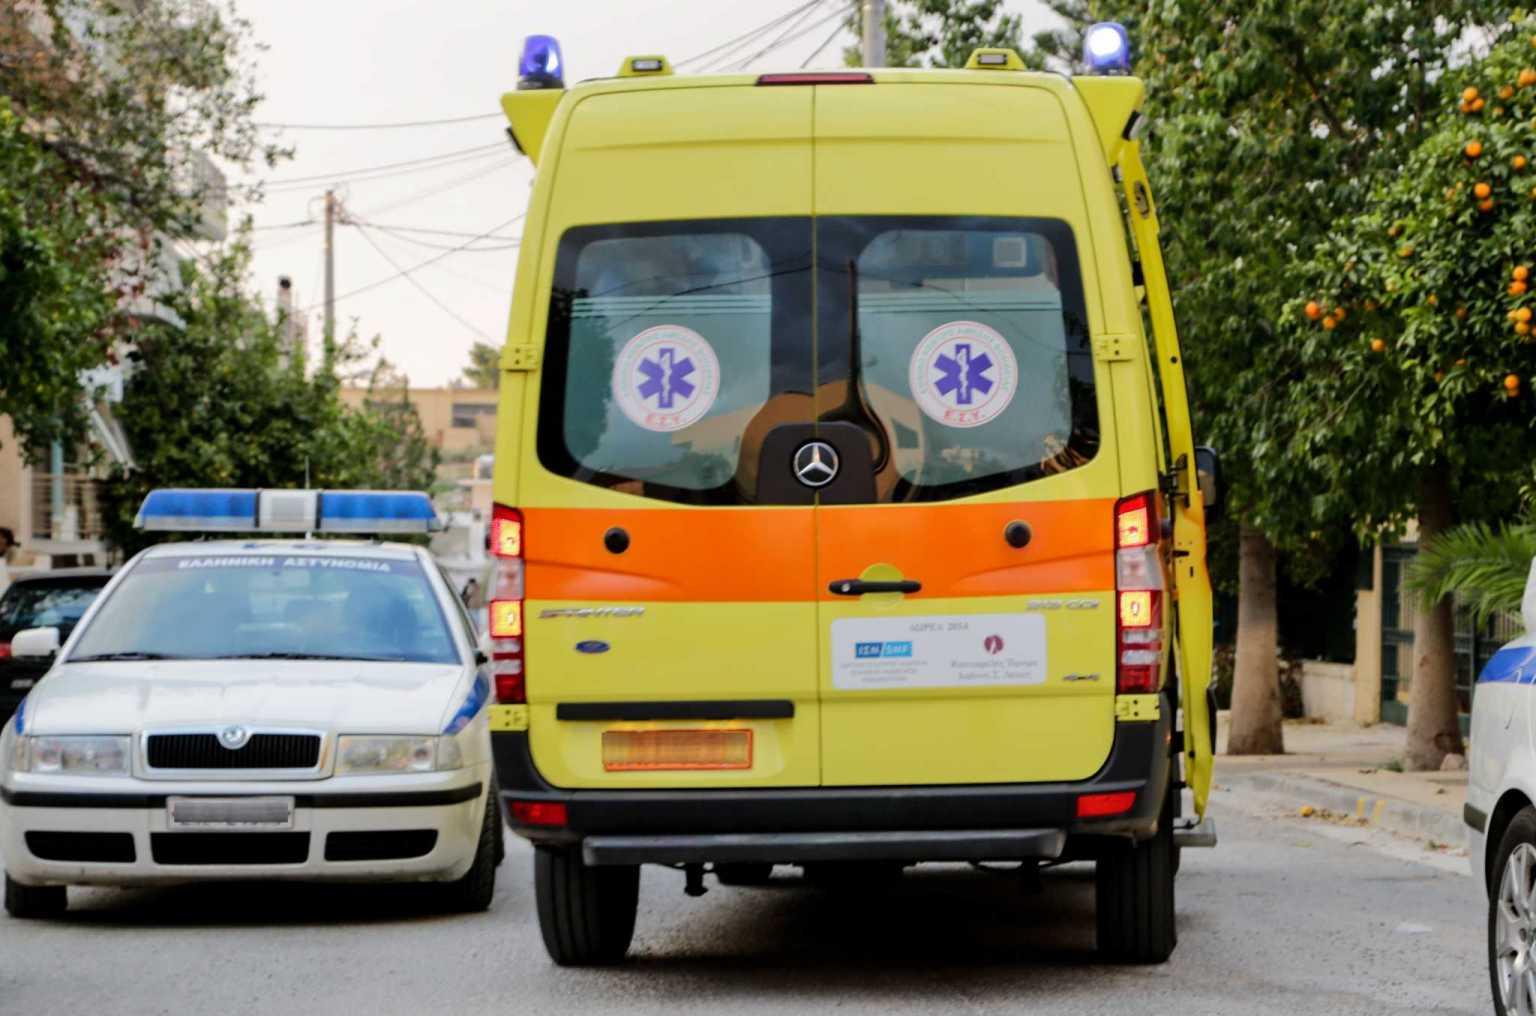 Τροχαίο ΒΟΑΚ: Σοκ από το πόρισμα του ιατροδικαστή για τον θάνατο του 42χρονου – Ζούσε για κάποιες ώρες